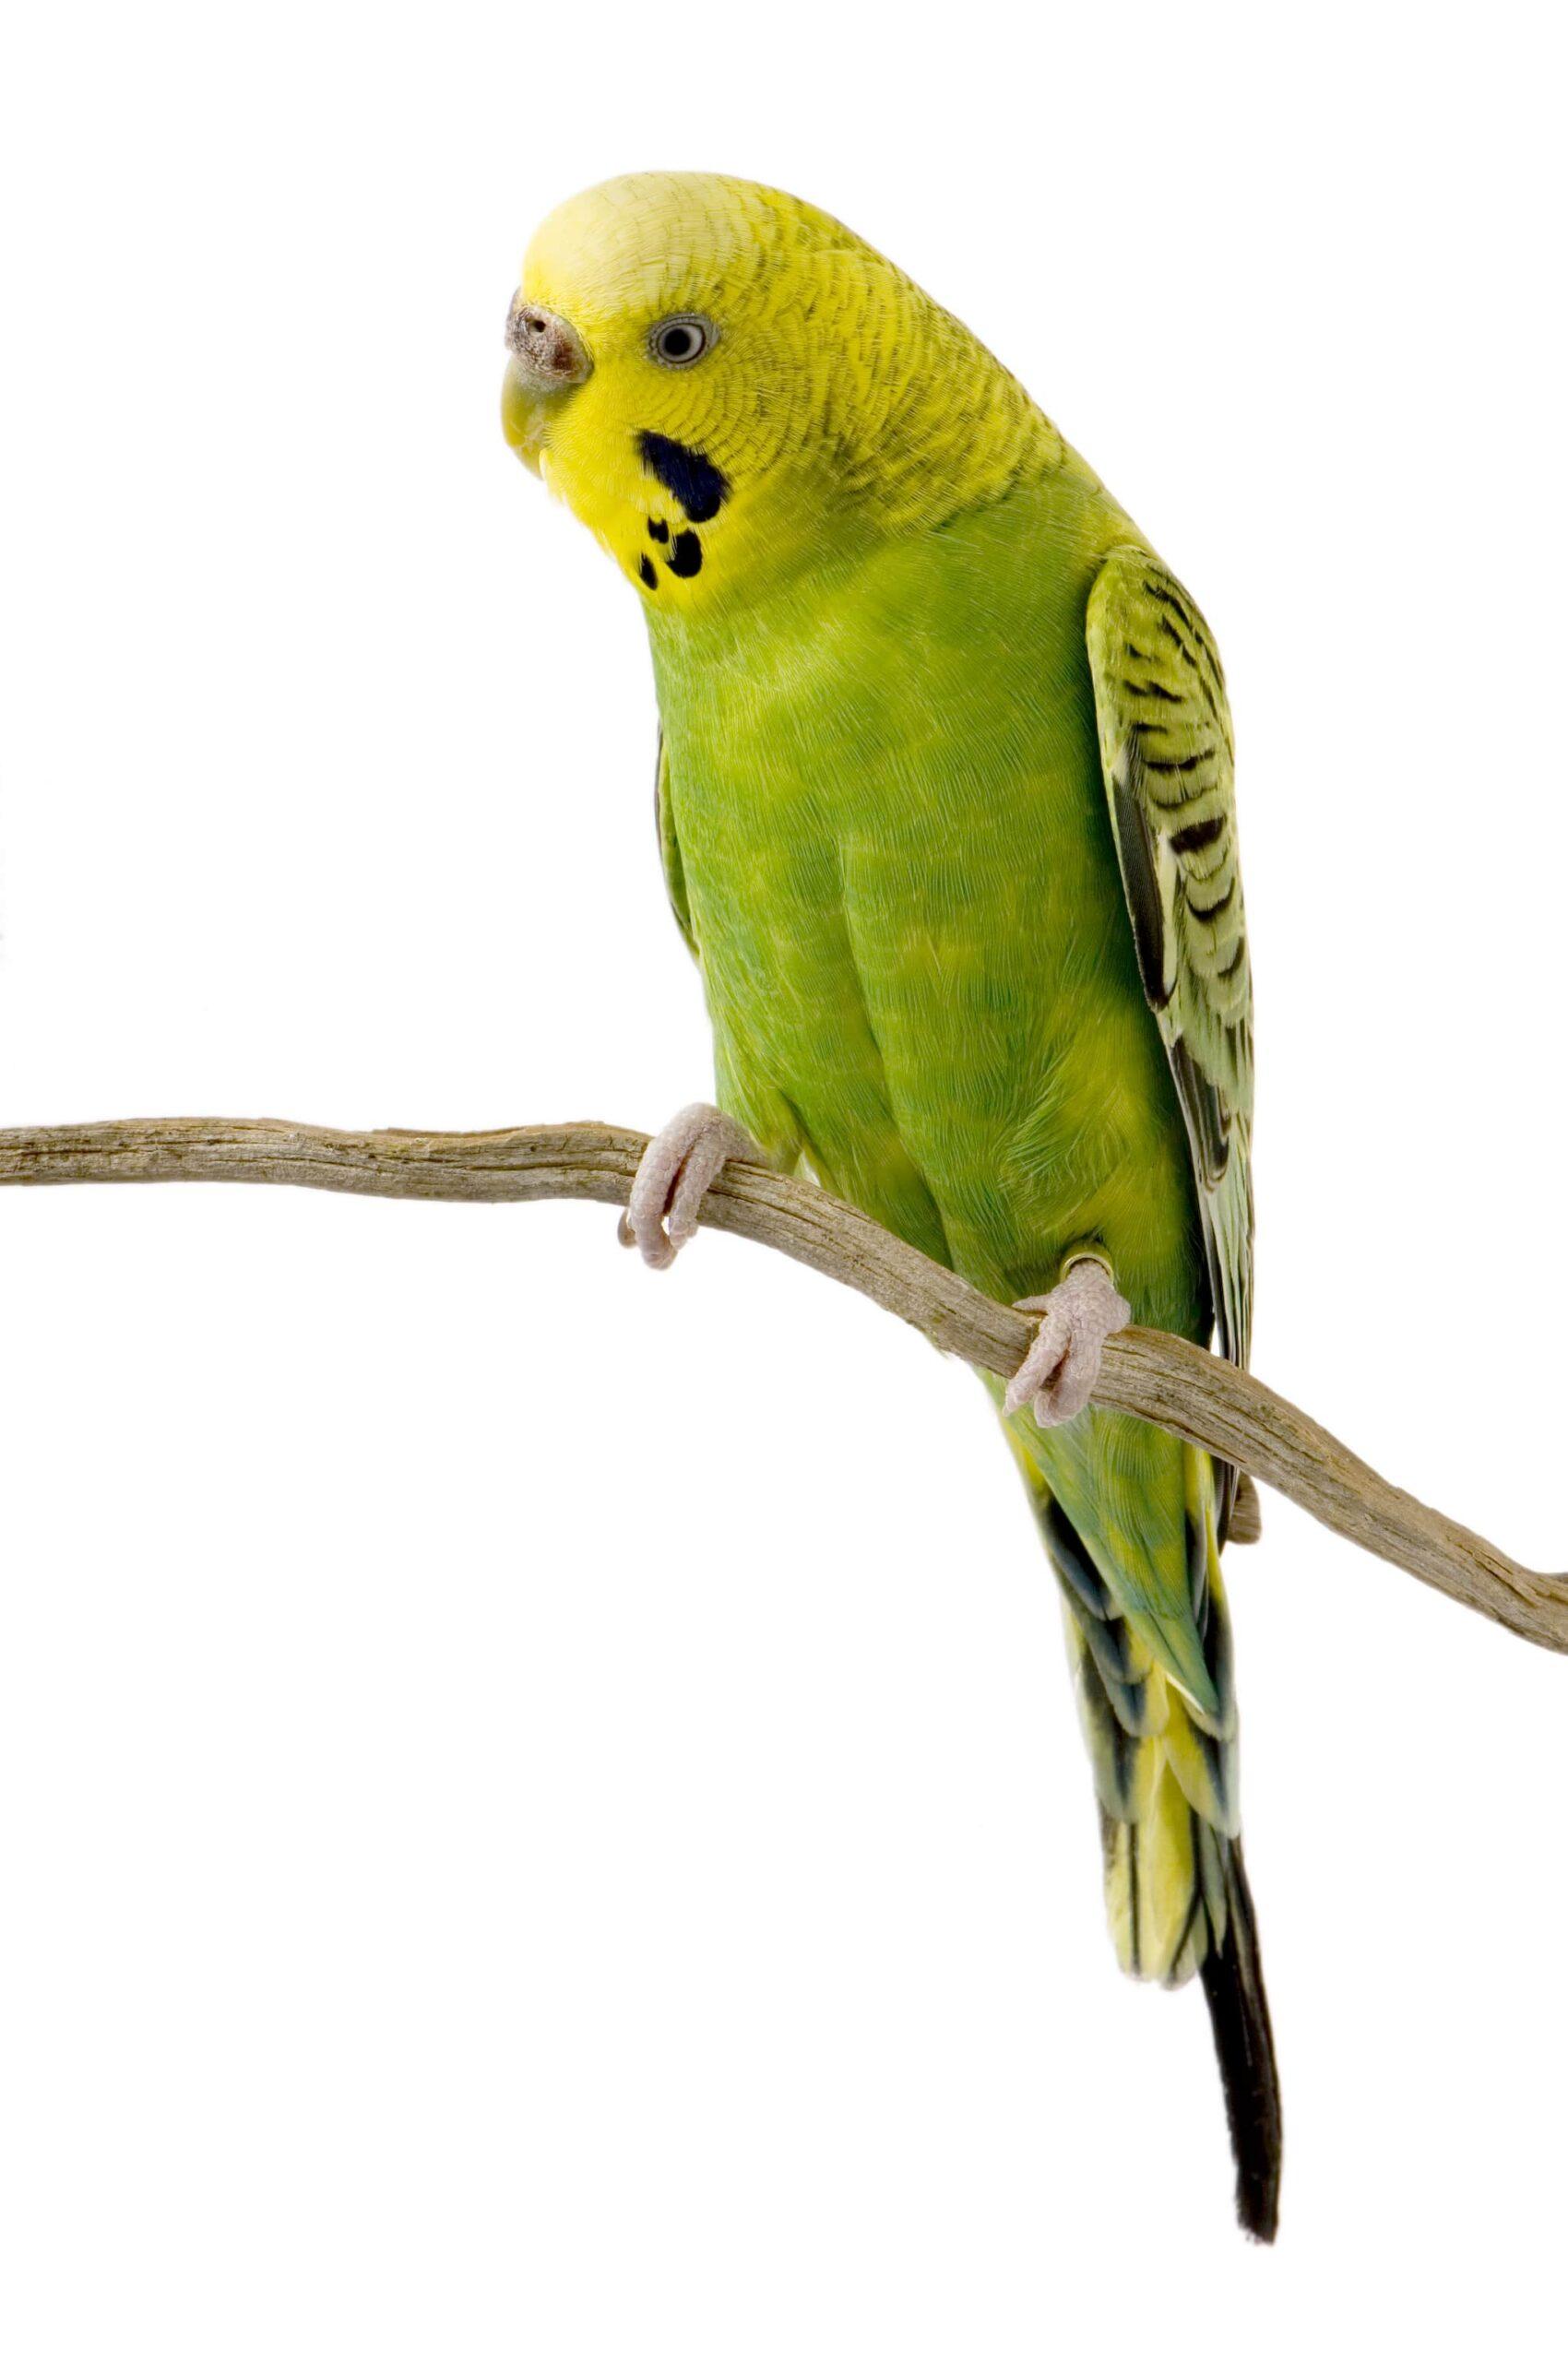 Muhabbet Kuşlarında Mantar Belirtileri, Nedenleri ve Tedavisi Hakkında Bilgiler